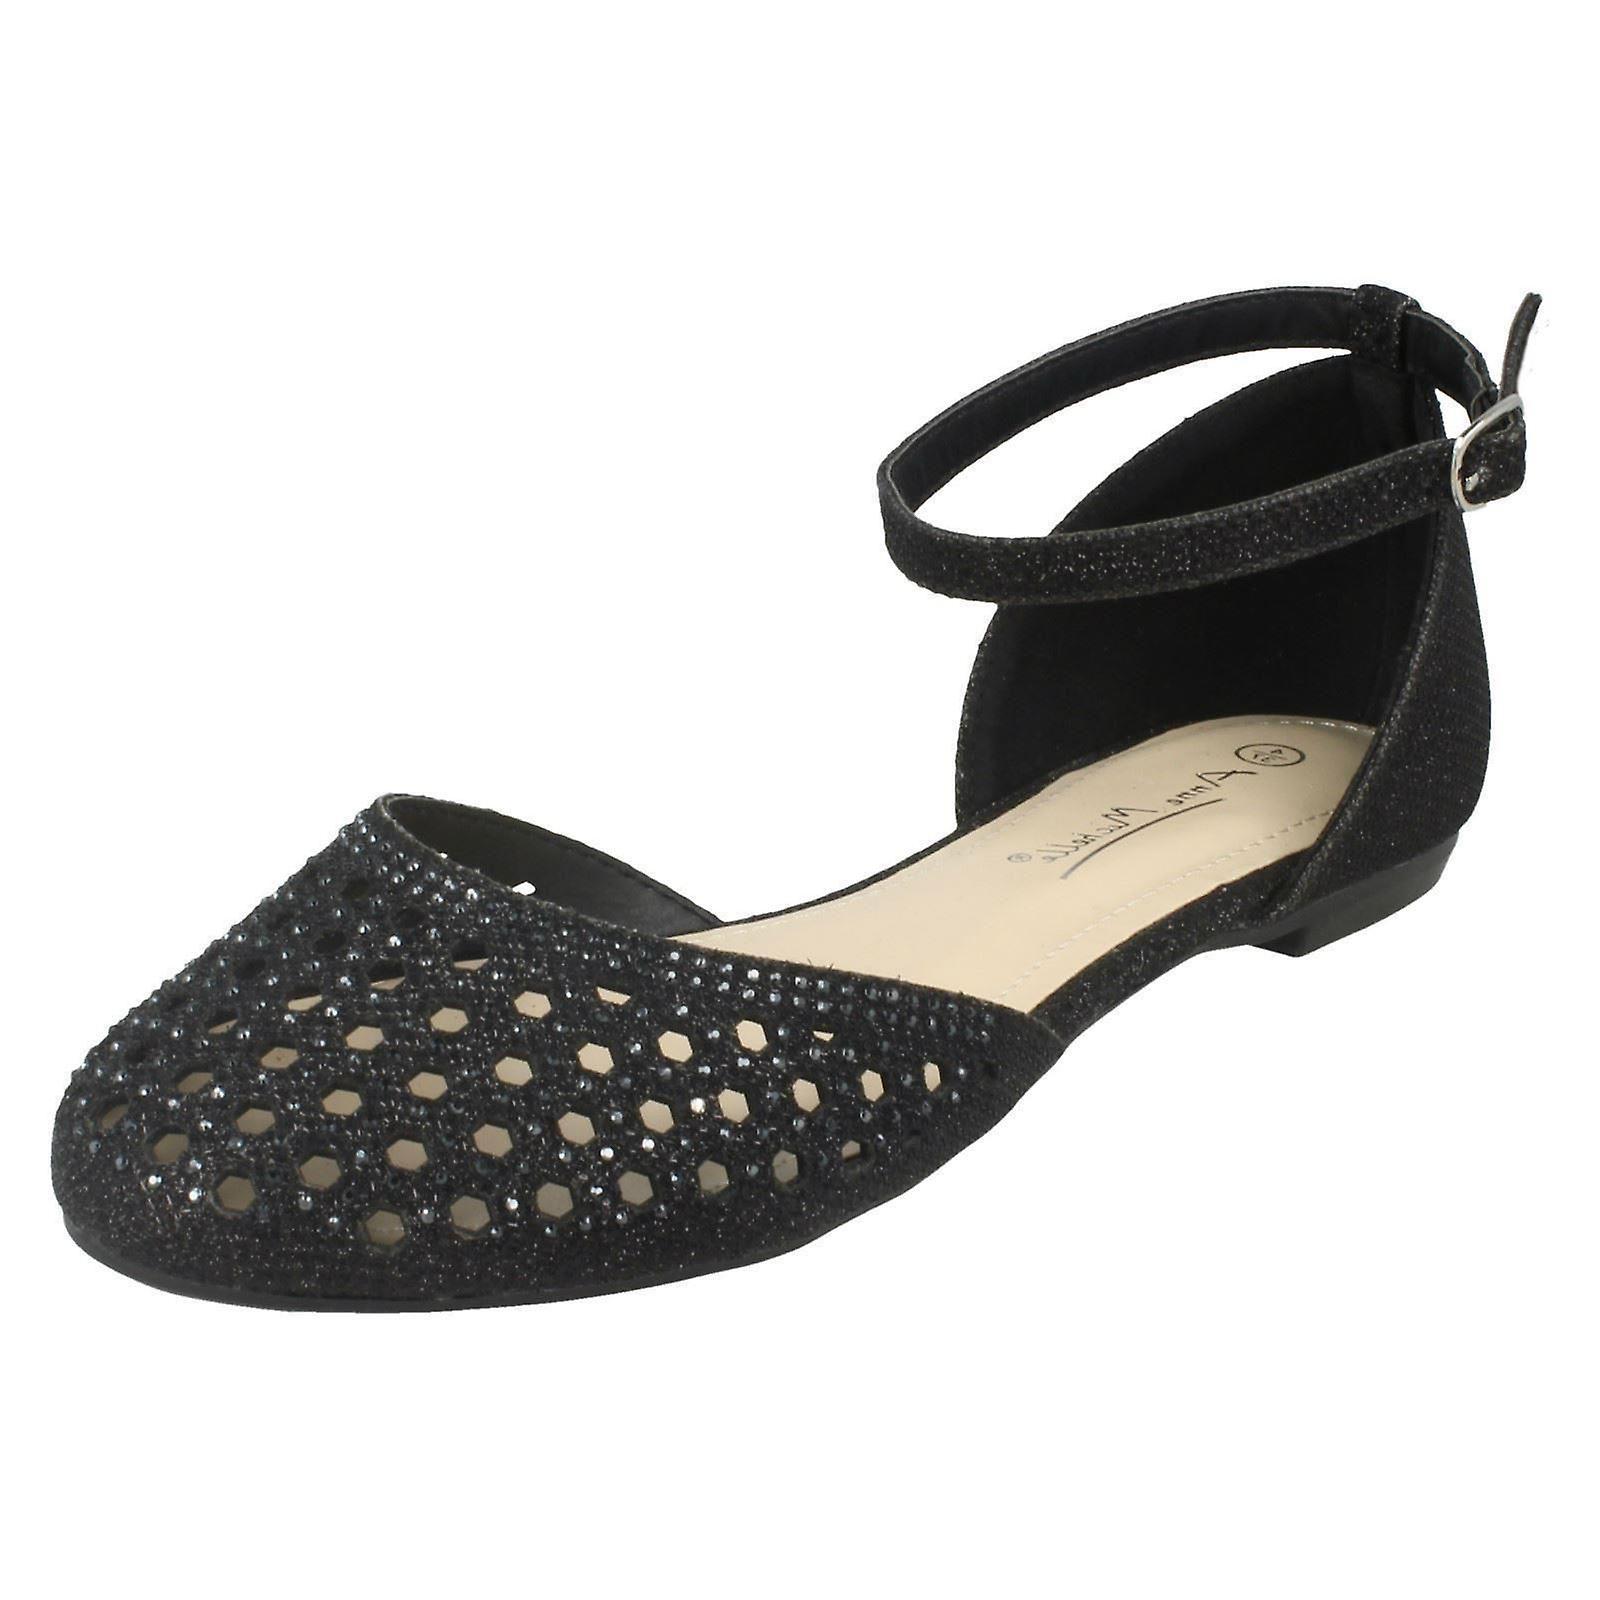 Ladies Anne Michelle Flat Punched Vamp scarpe F80140 | I più venduti in tutto il mondo  | Scolaro/Ragazze Scarpa